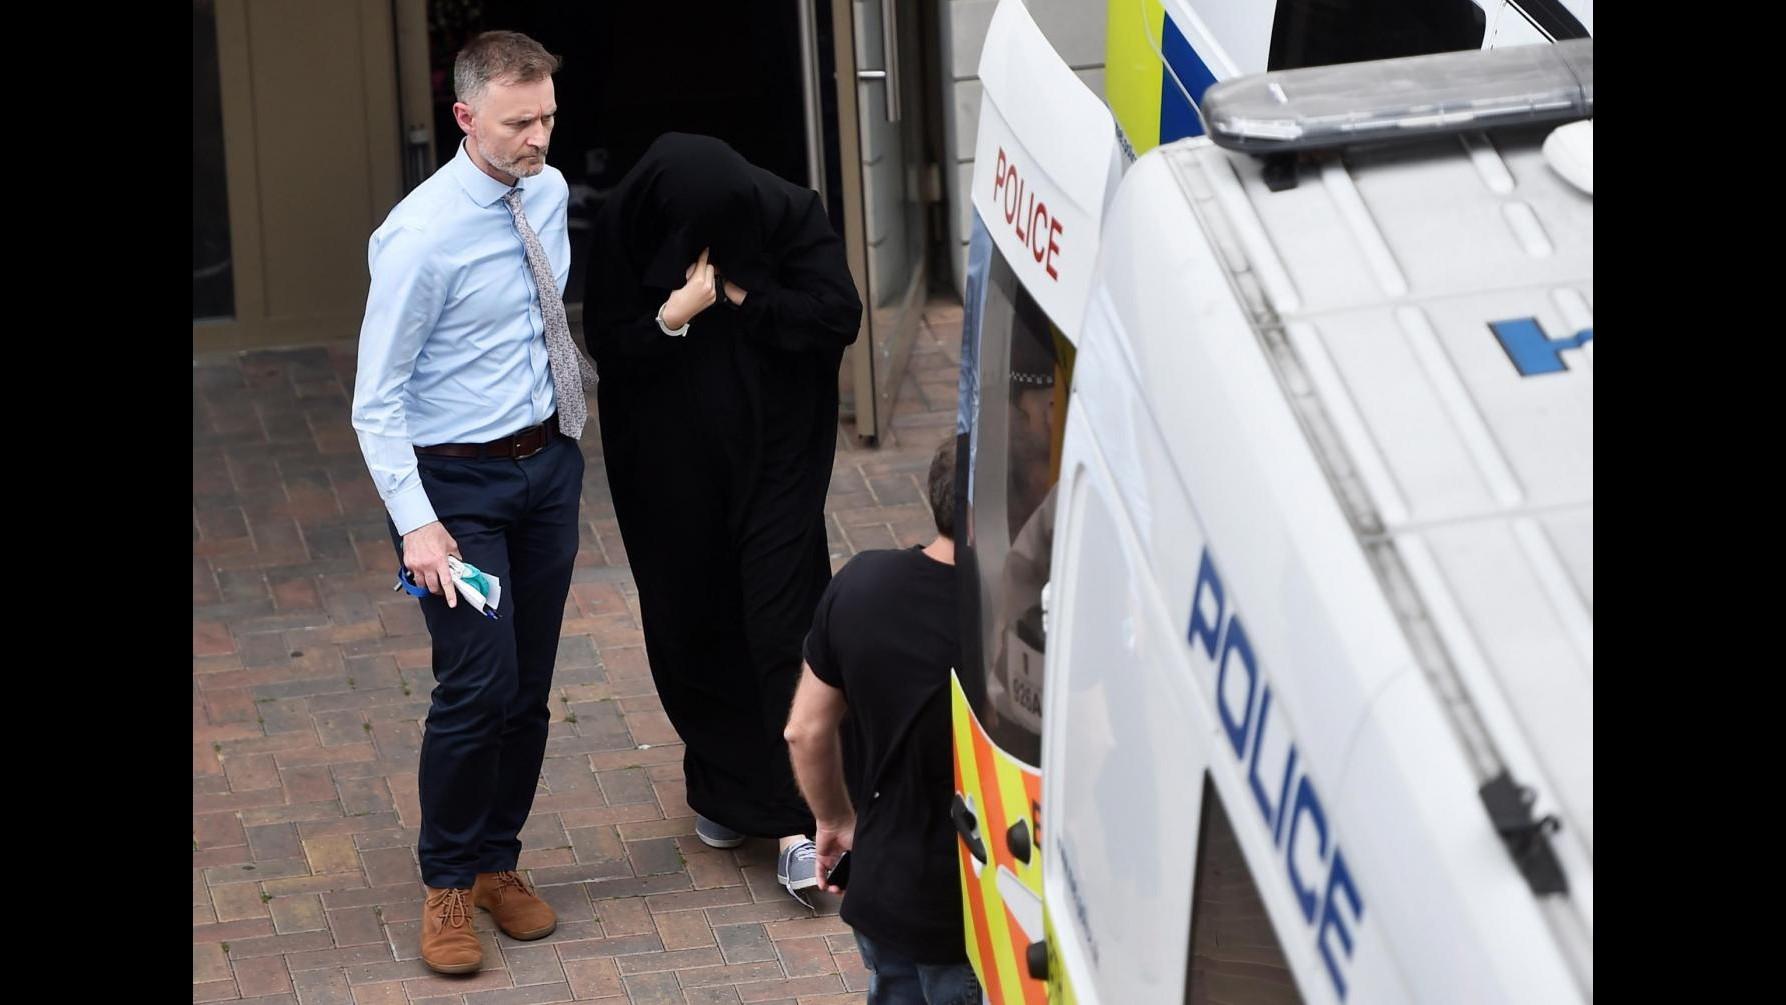 FOTO Attacchi a Londra: 12 arresti a Barking